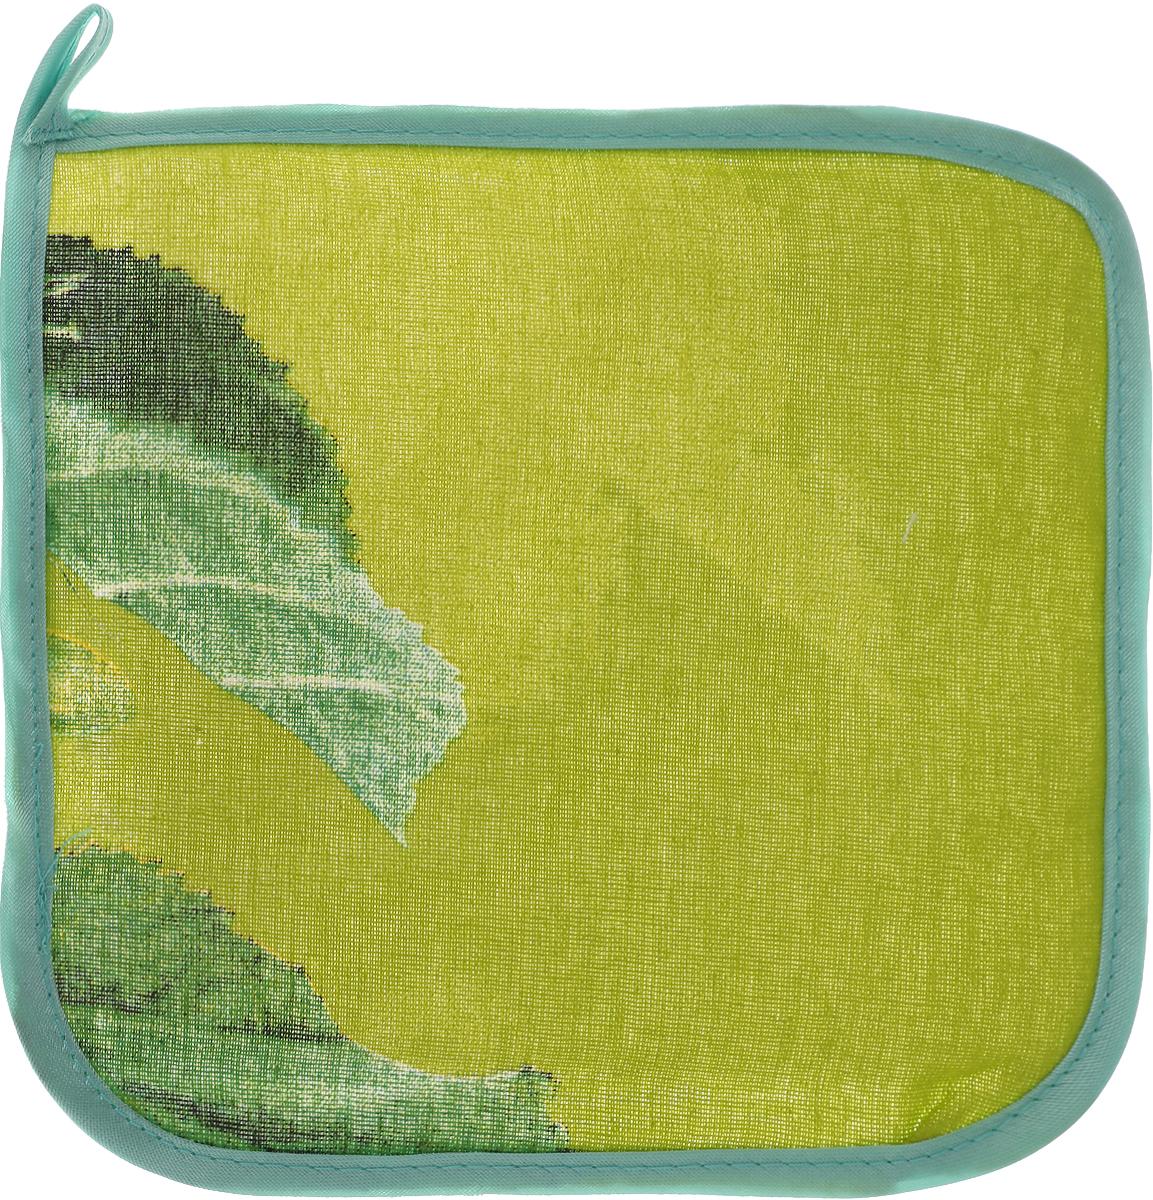 """Прихватка """"Roko"""" - незаменимый помощник на любой кухне.  Изделие выполнено из 100% хлопка и оформлено  красочным принтом. Прихватка мягкая, удобная и практичная.  Она защитит ваши руки и предотвратит появление ожогов.  Оригинальный дизайн позволит красиво дополнить интерьер  кухни. С помощью текстильной петельки прихватку можно  подвесить на крючок.Уважаемые клиенты!  Обращаем ваше внимание на возможные изменения в дизайне товара - расцветка и рисунок могут отличаться  от изображения, представленного на сайте. Поставка осуществляется в зависимости от наличия на складе."""